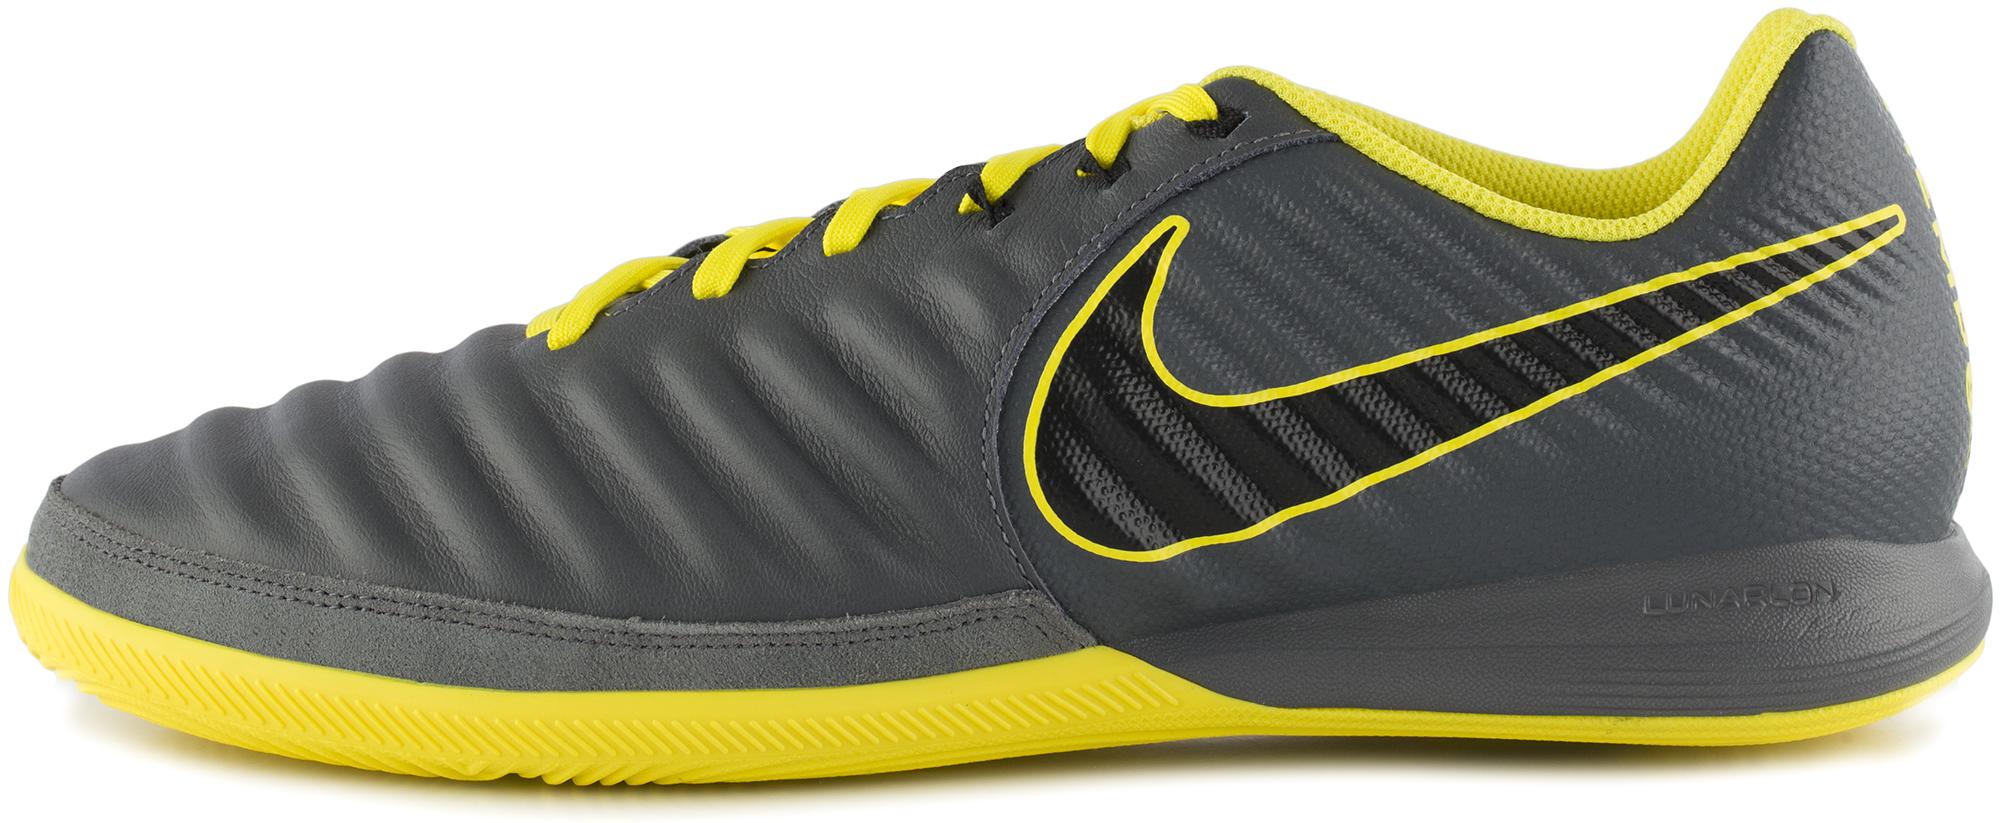 Nike Бутсы мужские Nike Lunar Legend 7 Pro IC, размер 44